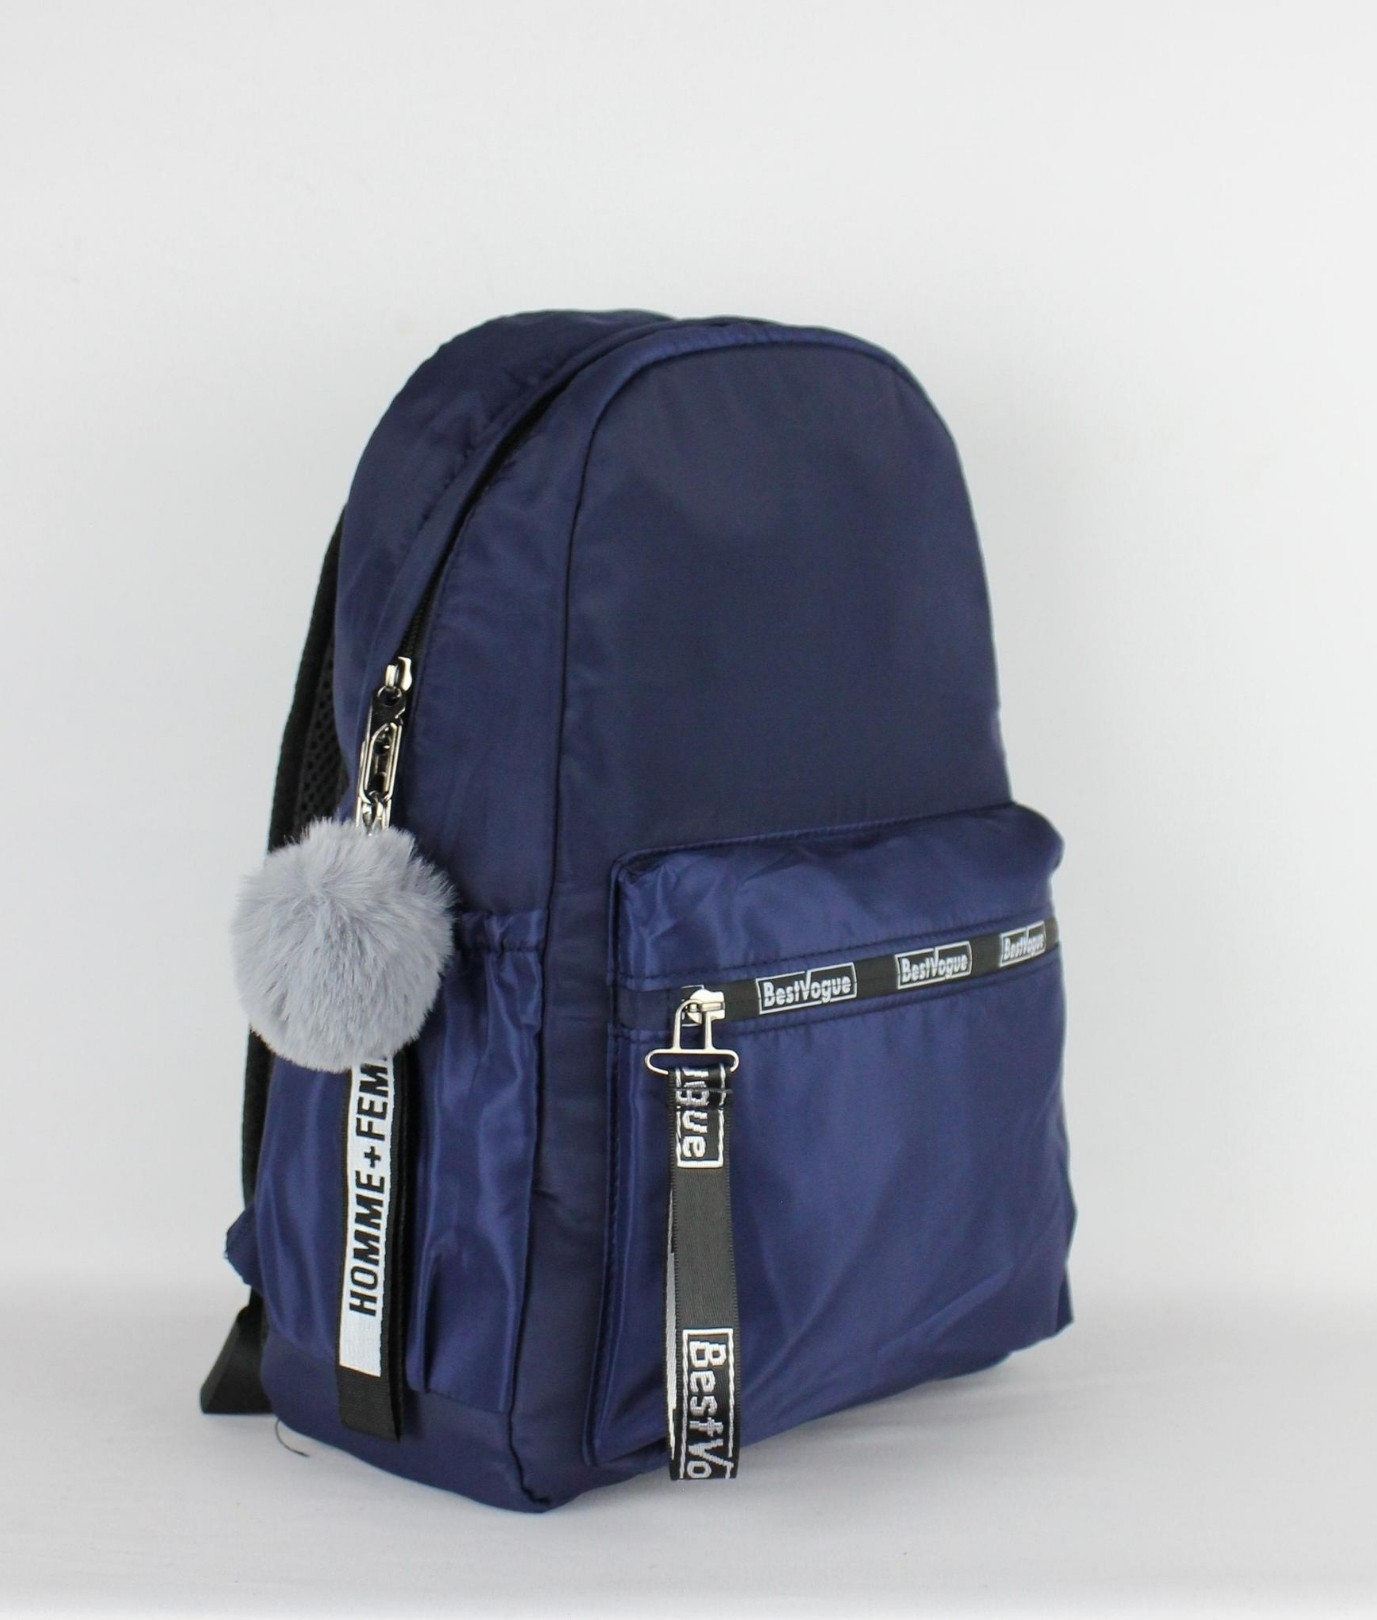 Mochila Vogue - Azul Marinho